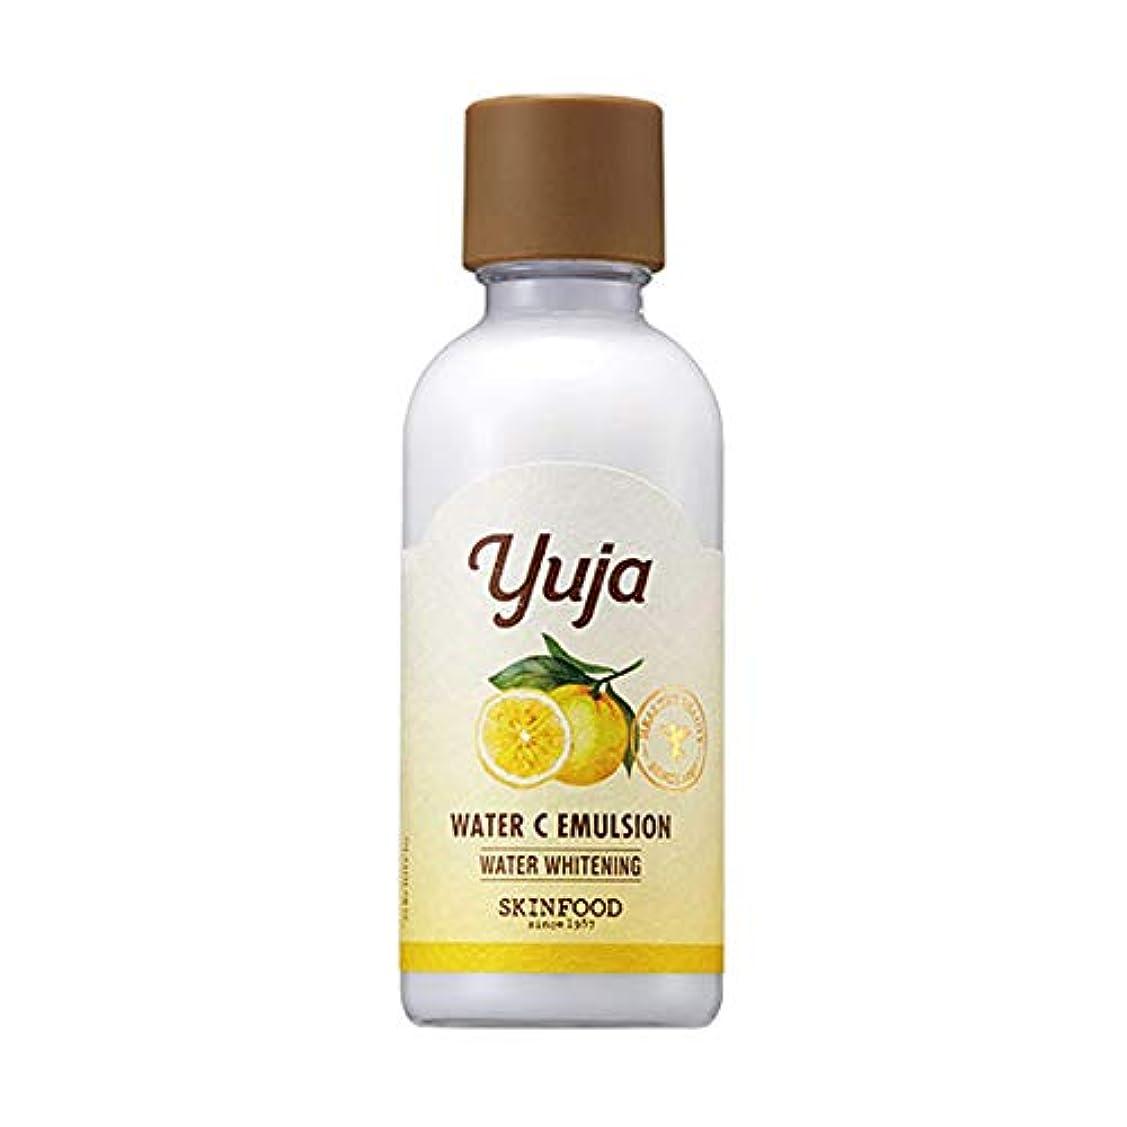 絶望生きる学者Skinfood Yuja Water Cエマルジョン/Yuja Water C Emulsion 160ml [並行輸入品]